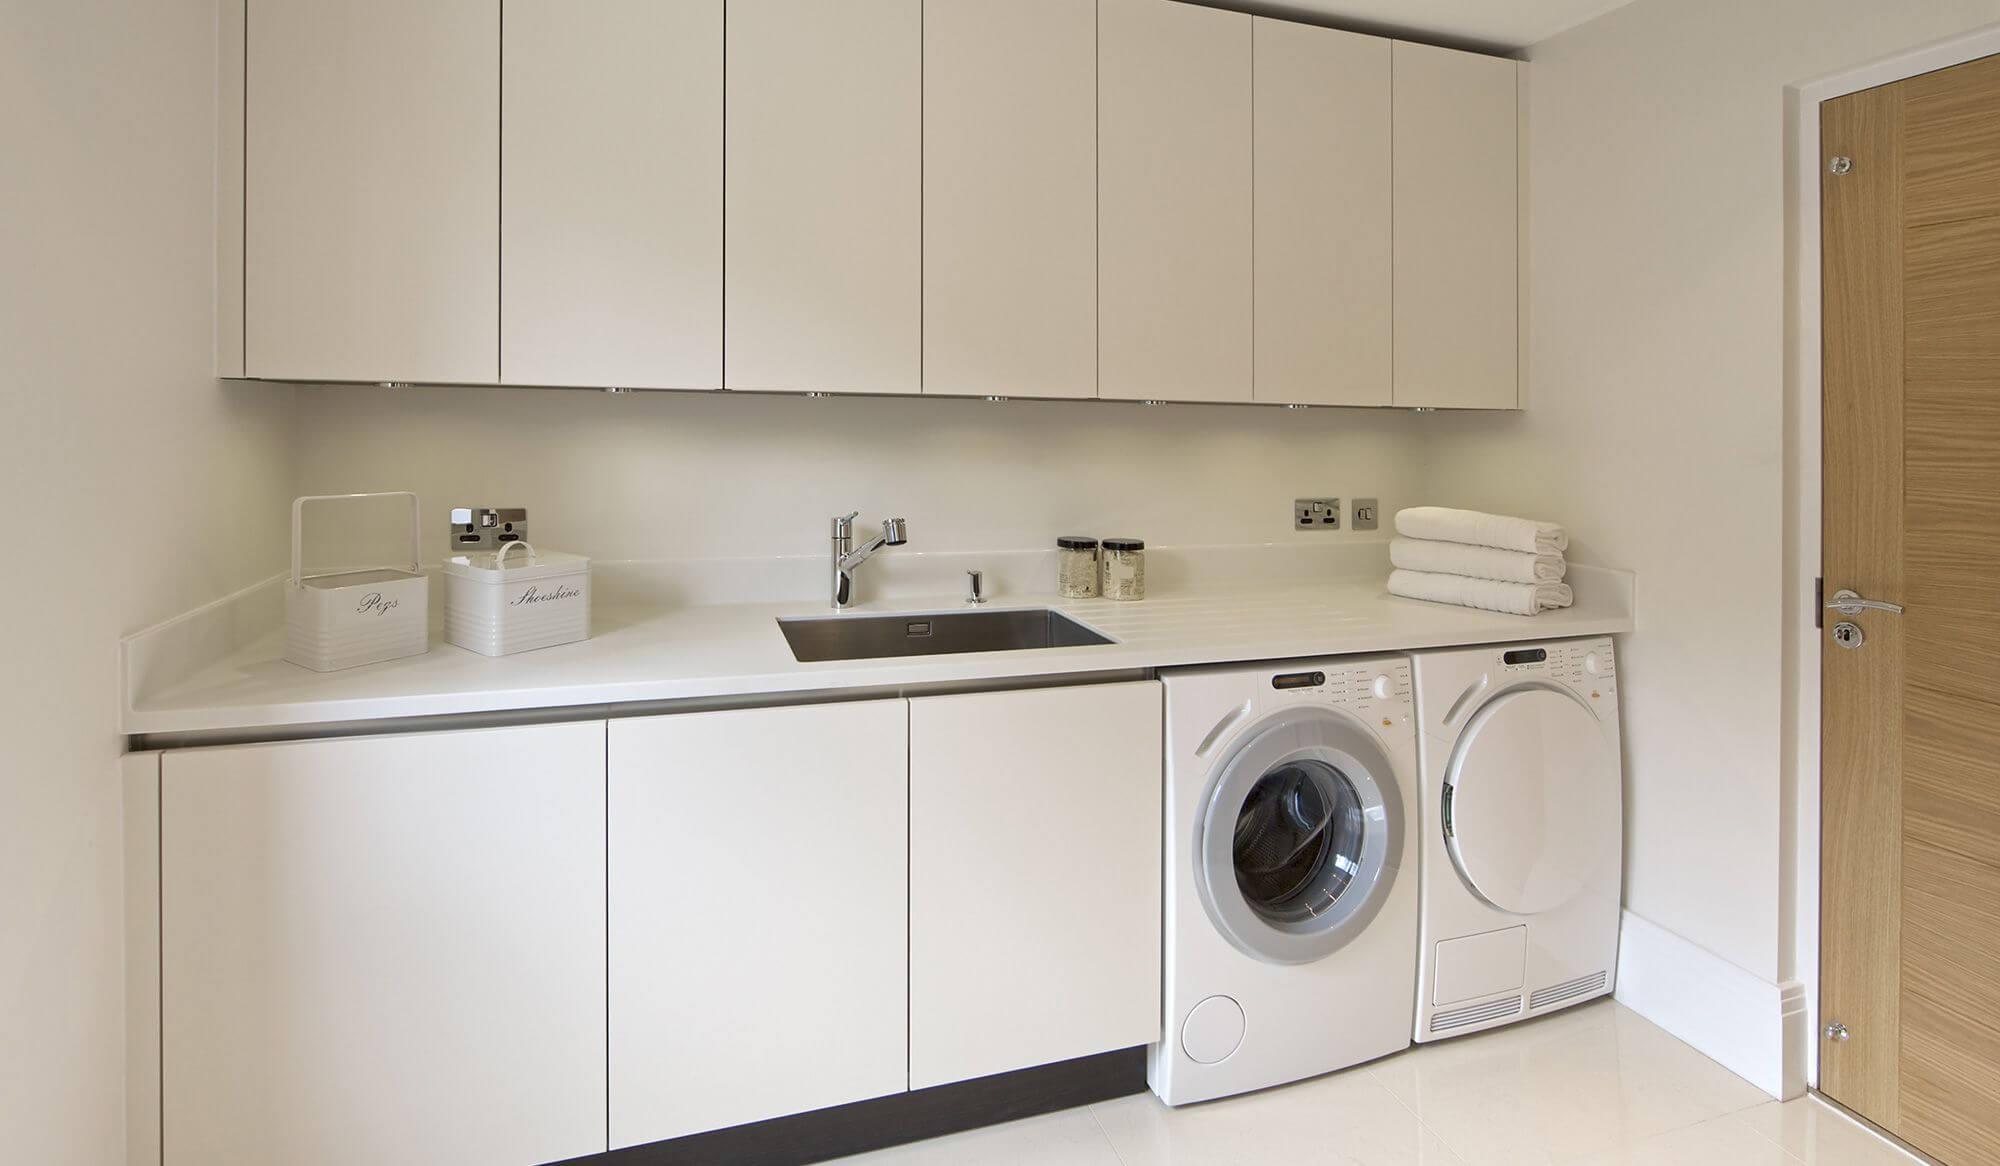 Сушильная машина в кухонном гарнитуре фото